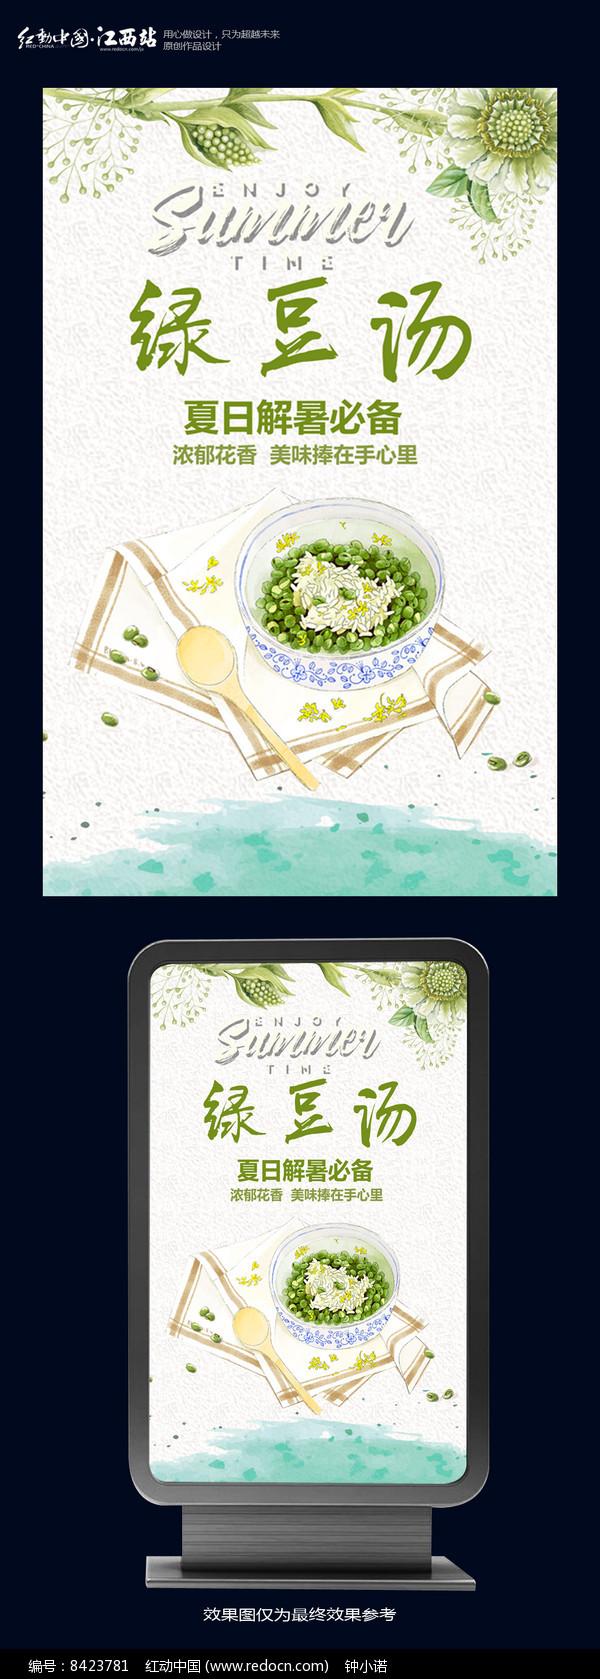 绿豆汤海报设计图片